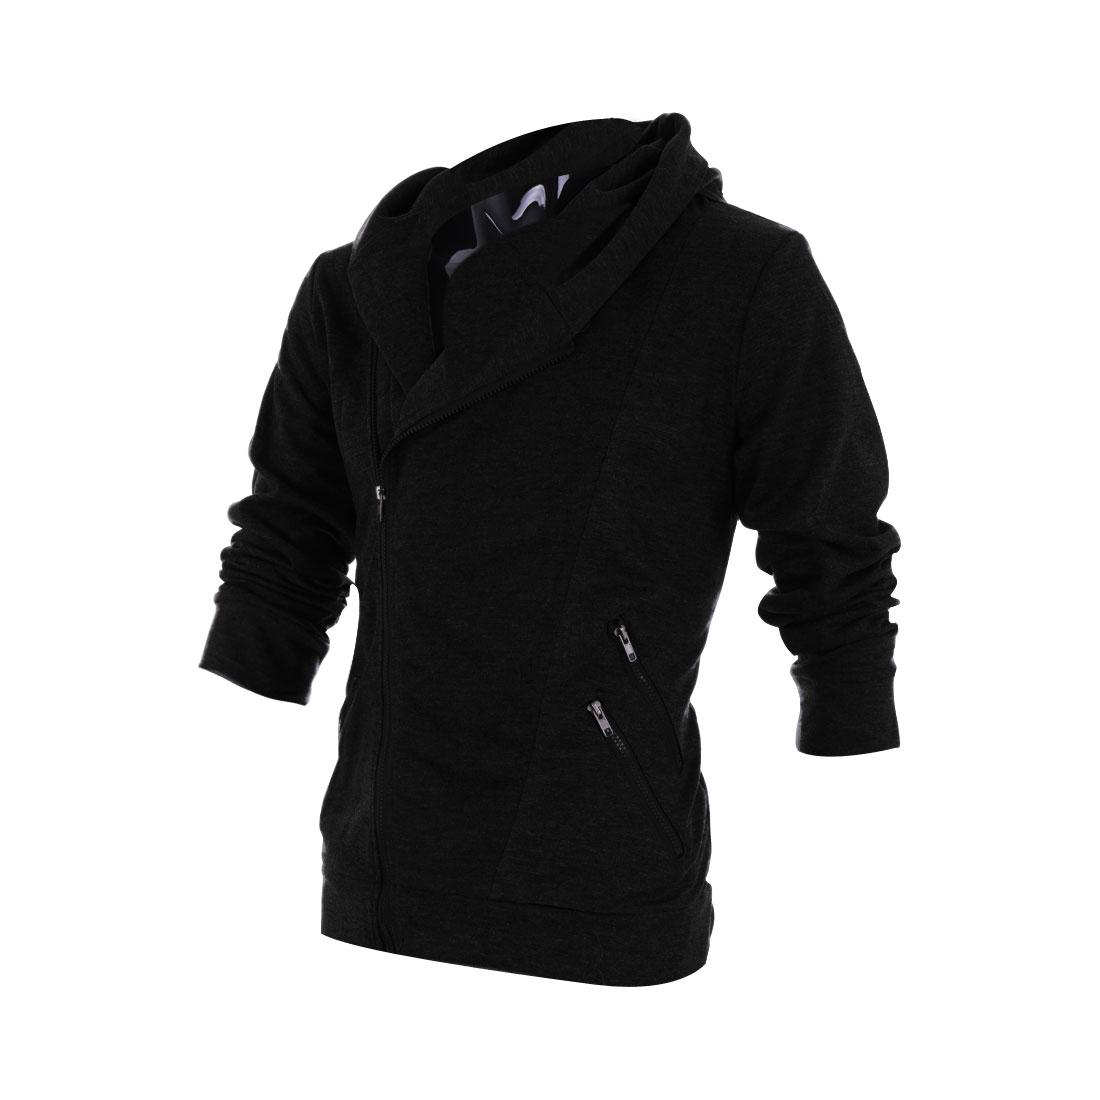 Men Slant Zip Closure Long Sleeve Hoodies Black M